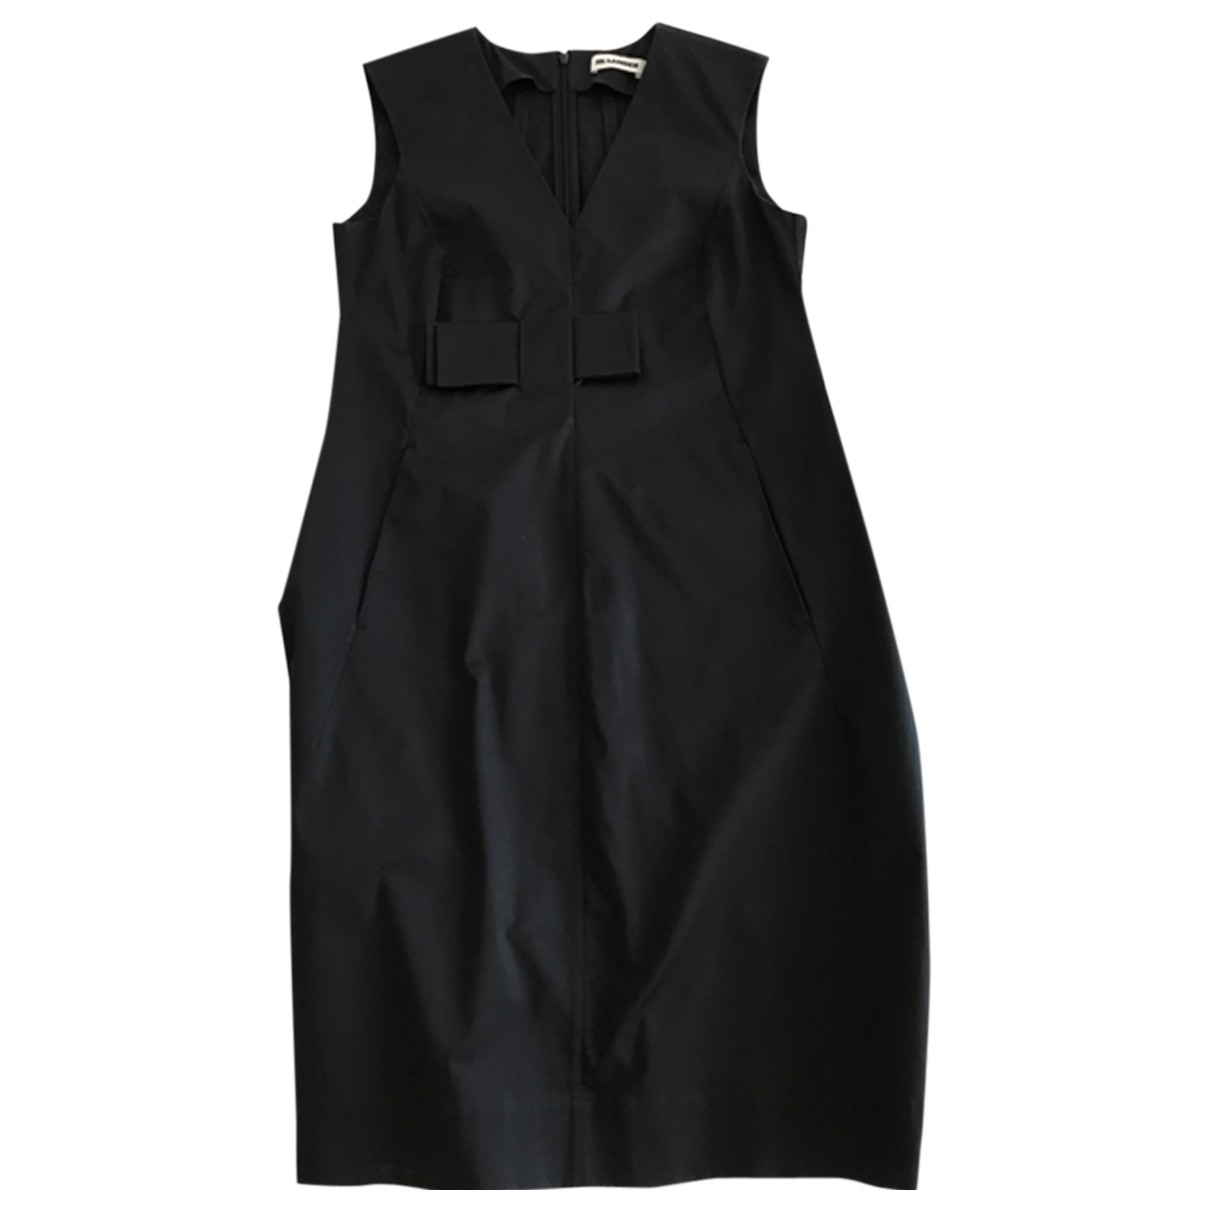 Jil Sander \N Kleid in  Schwarz Baumwolle - Elasthan